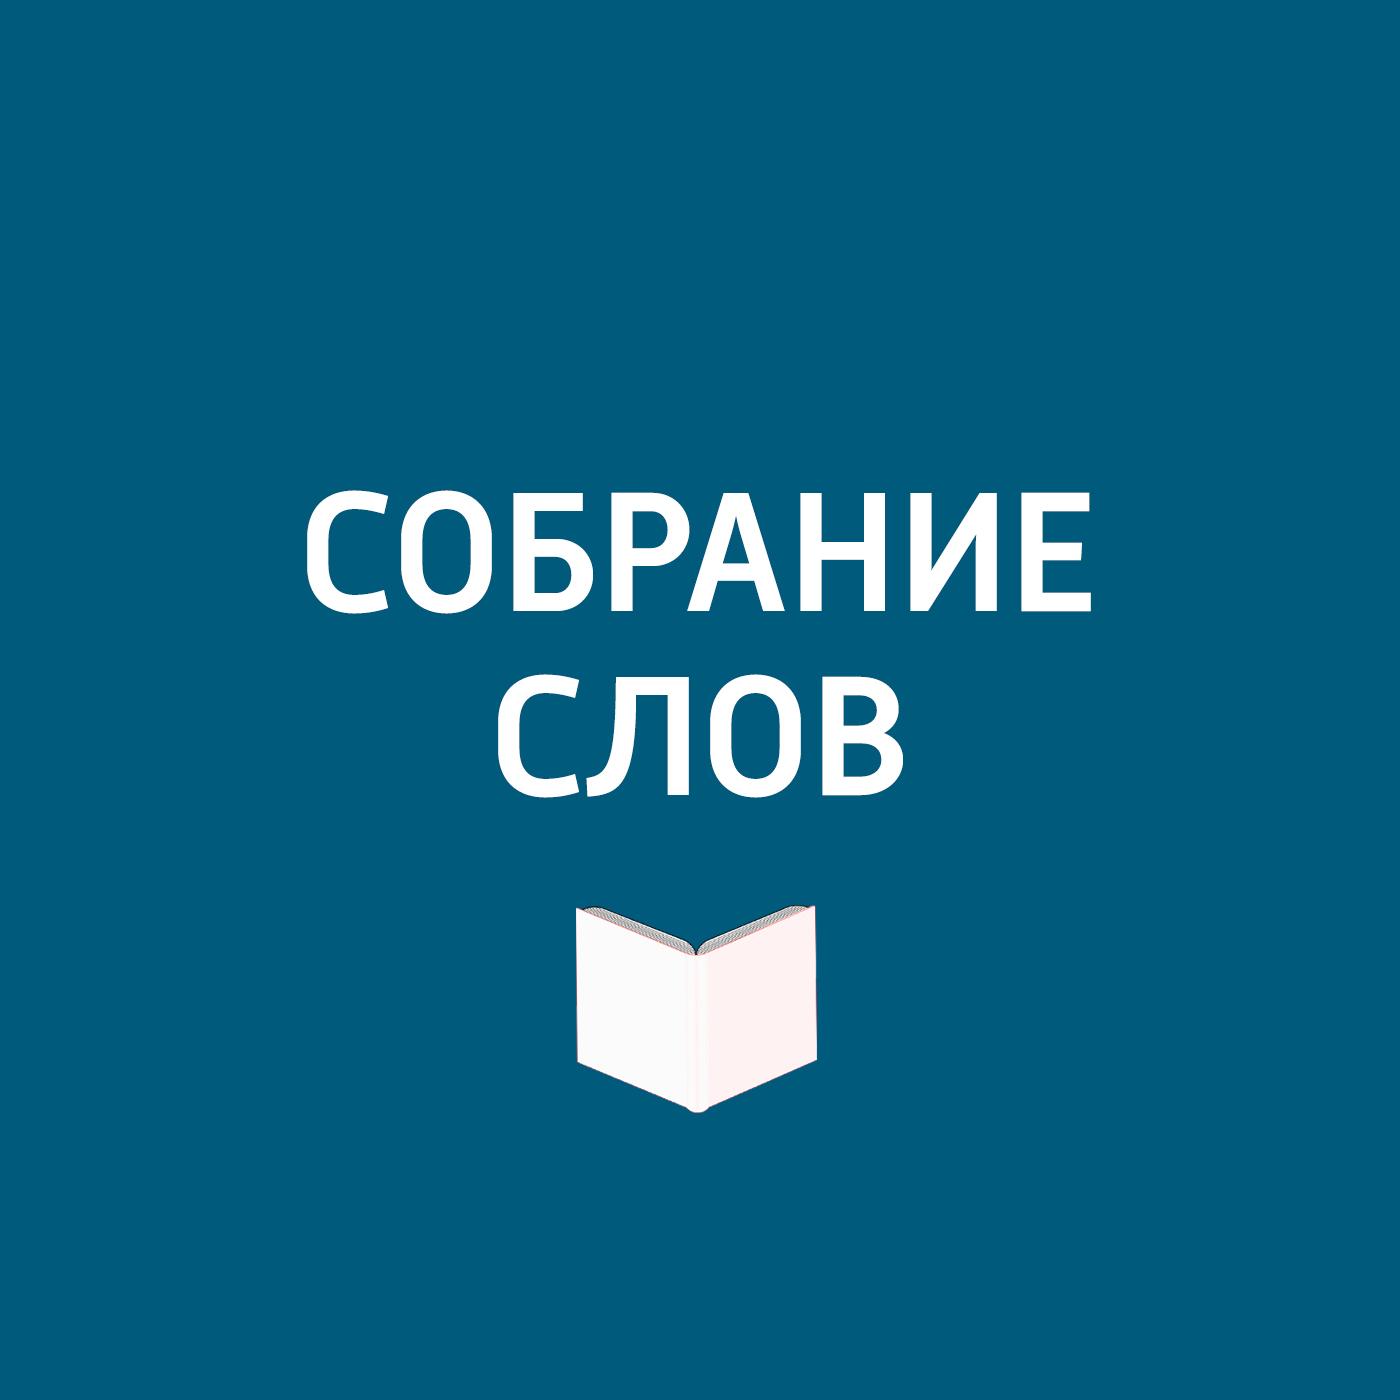 цены Творческий коллектив программы «Собрание слов» Неизданные архивы Любови Орловой